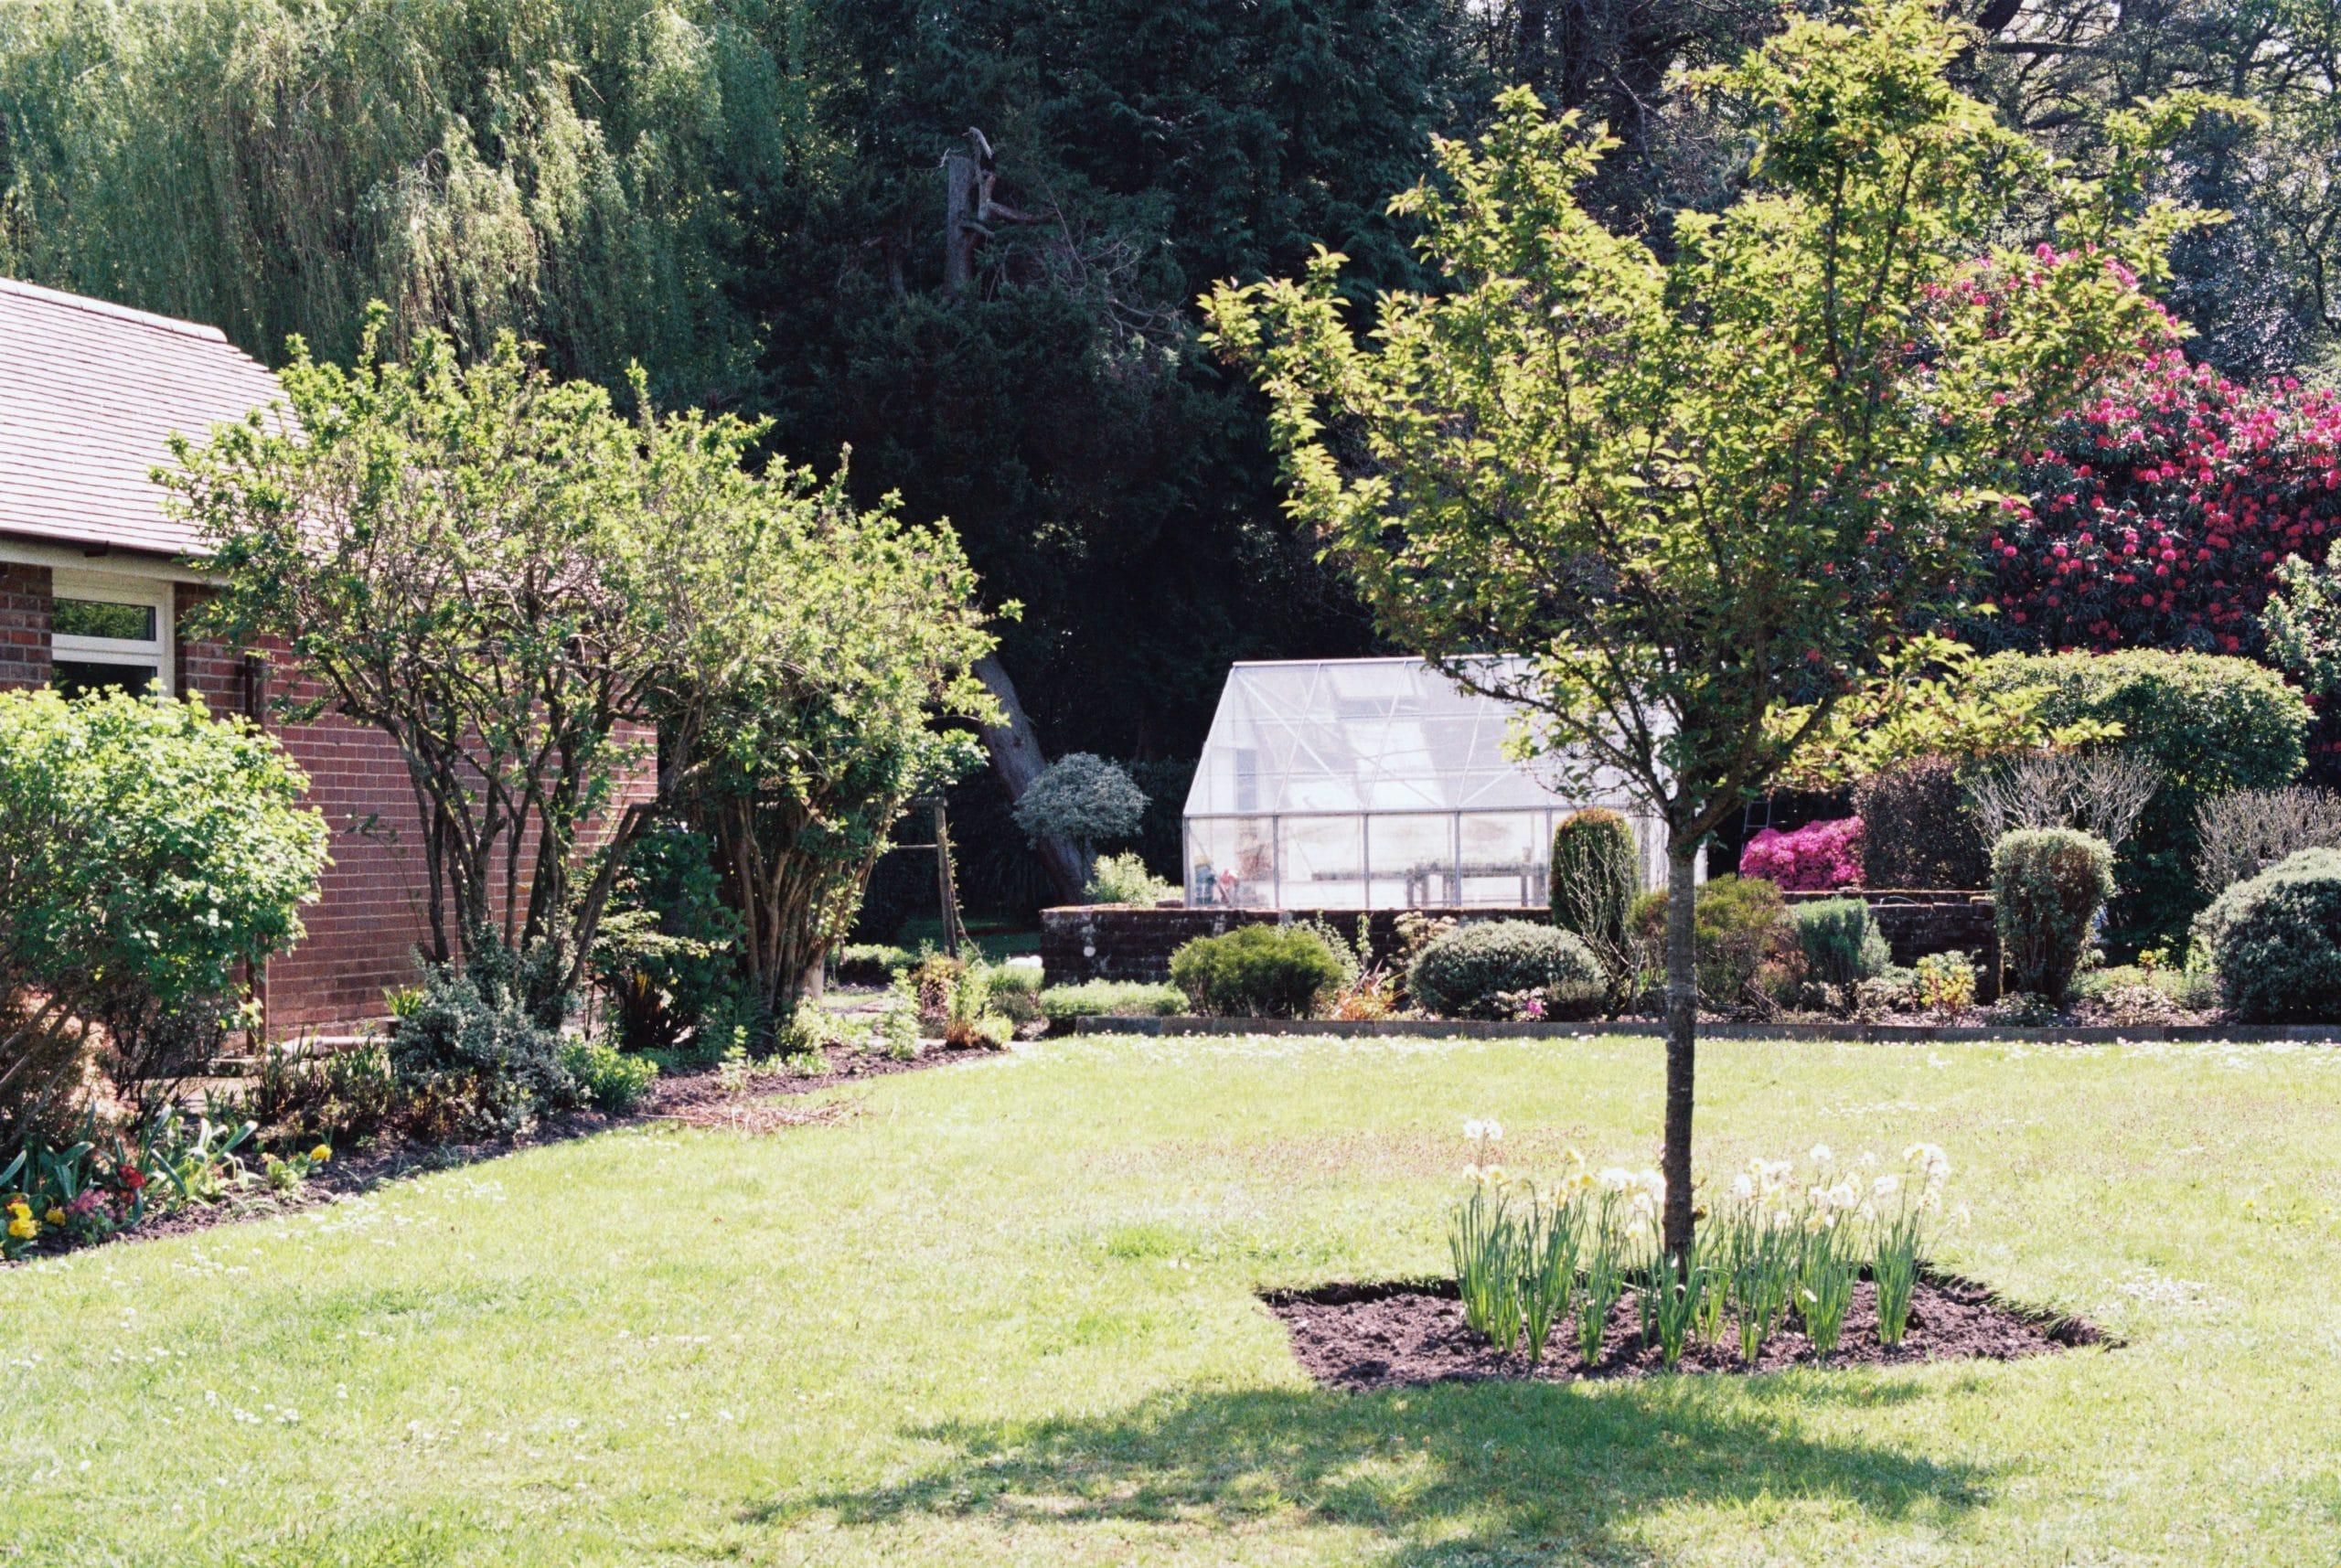 jardin avec des arbres et une cabane